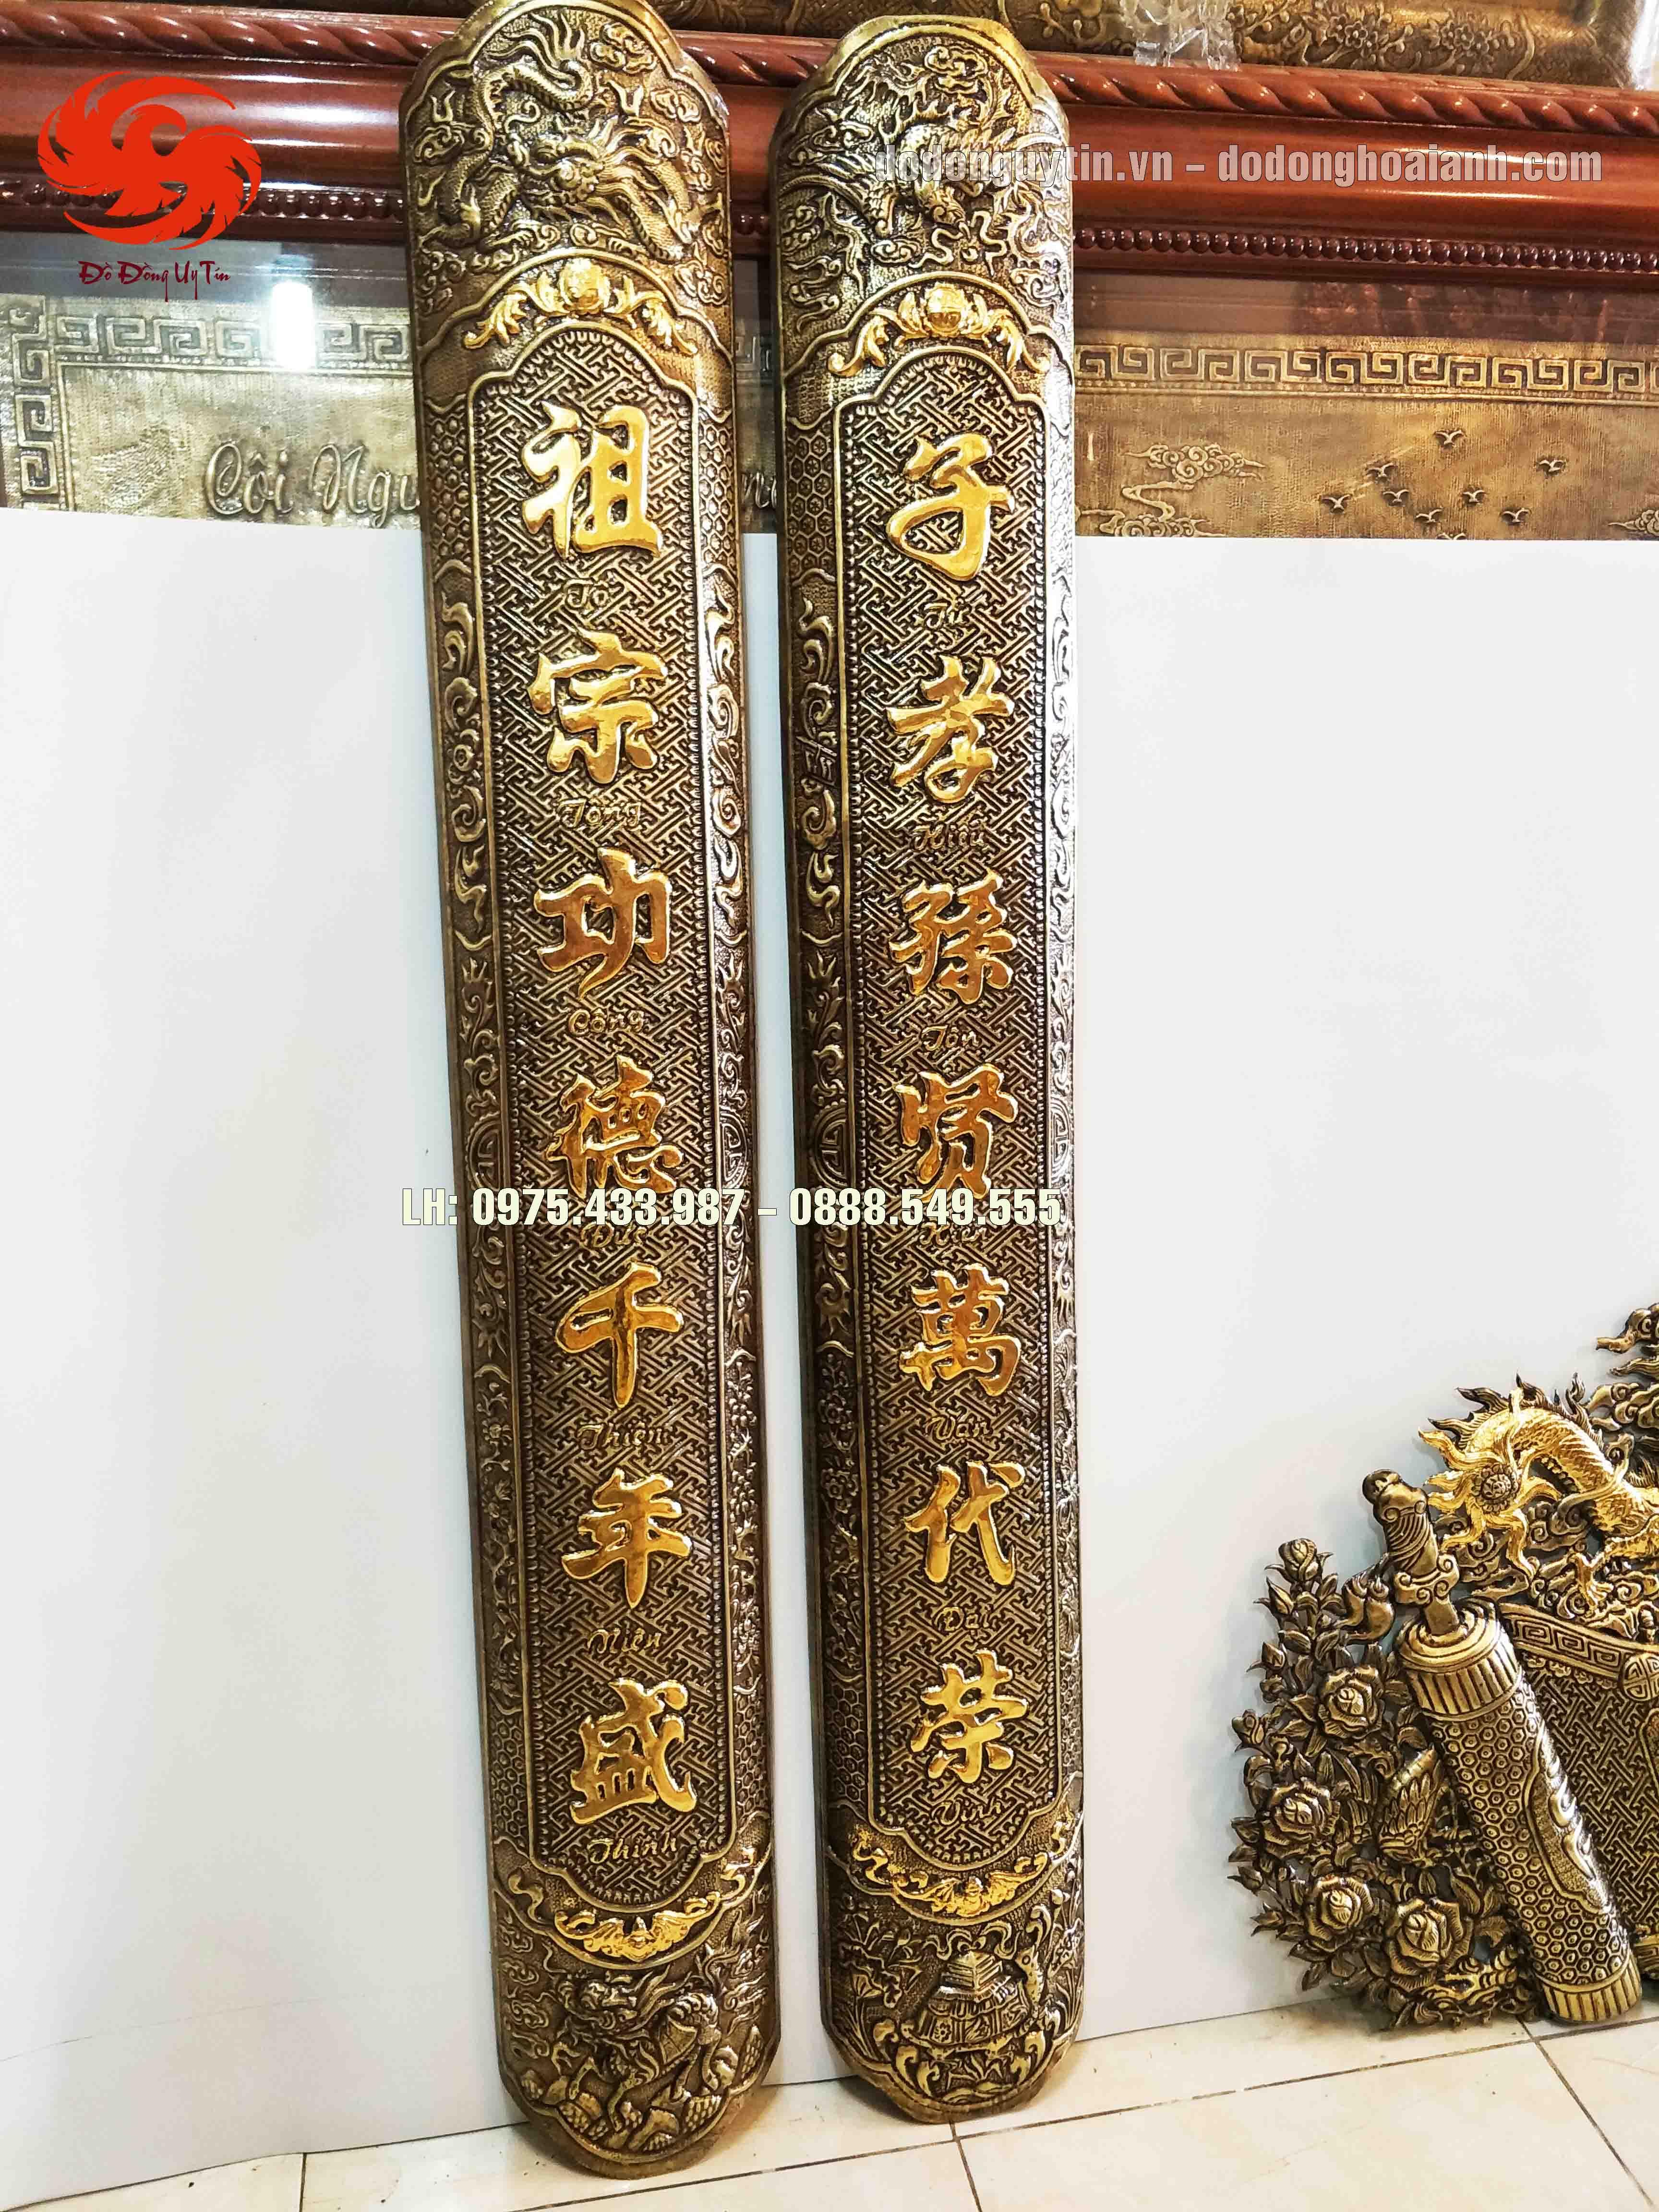 Bộ cuốn thư câu đối đồng vàng giả cổ dát vàng quỳ 24K